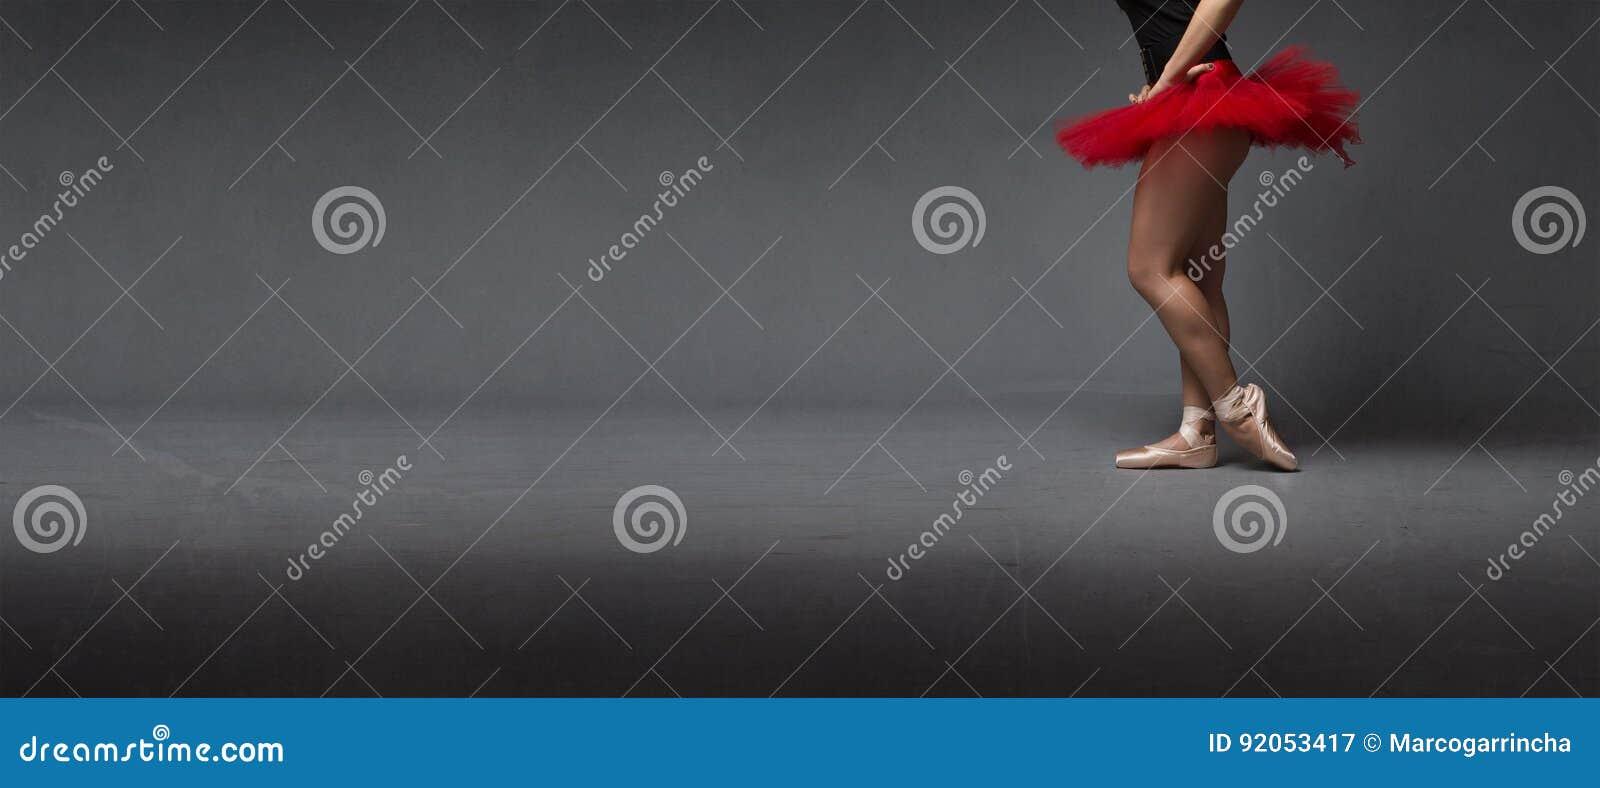 Rode tutu en tiptoe zijmening